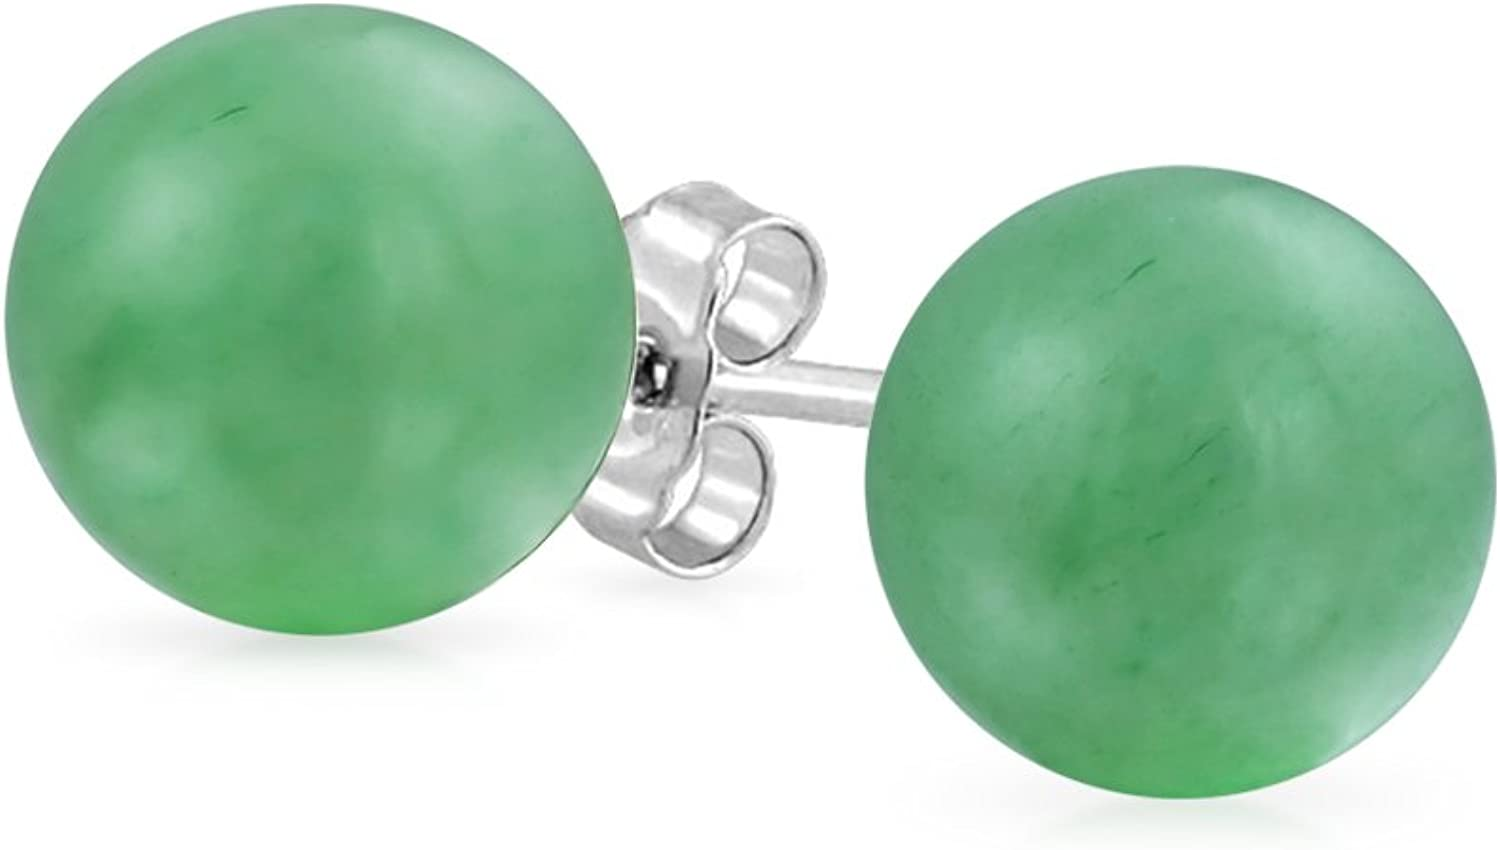 Simple Teñido De Verde Piedras Preciosa Venturina Balón Redondo Pendiente De Boton Para Mujer 925 Plata De Ley 925 6Mm